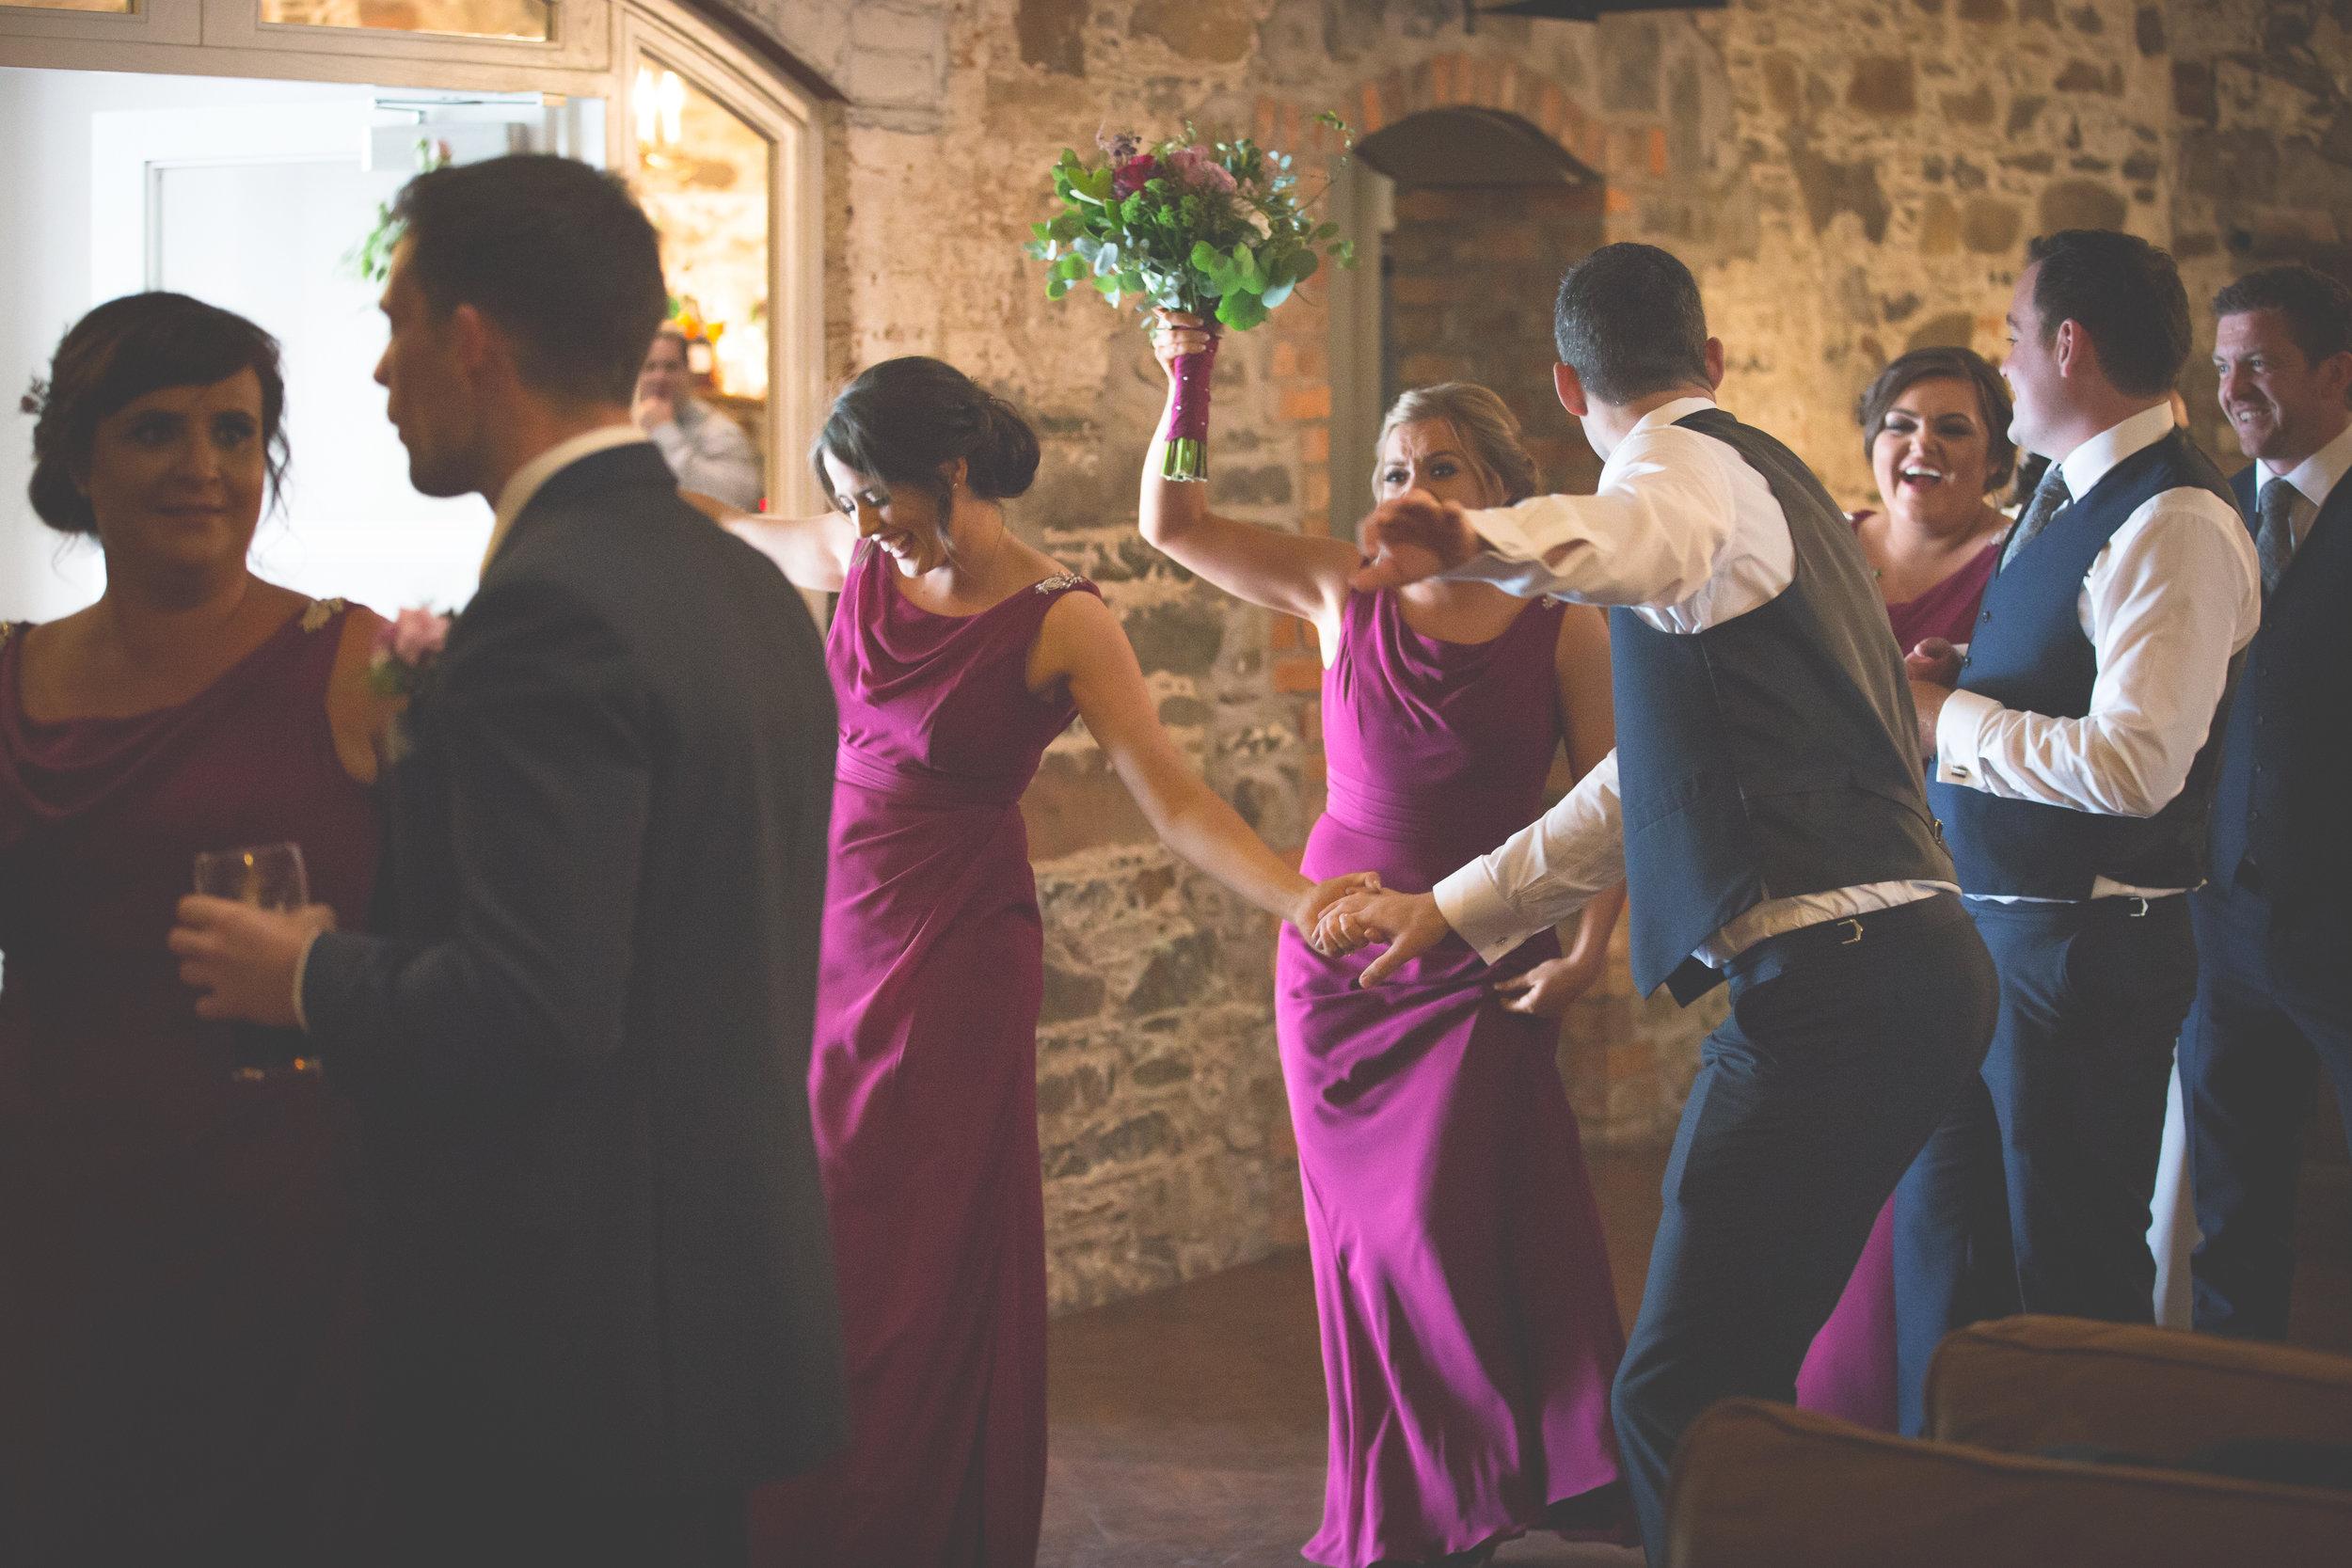 Brian McEwan Wedding Photography | Carol-Anne & Sean | The Speeches-42.jpg